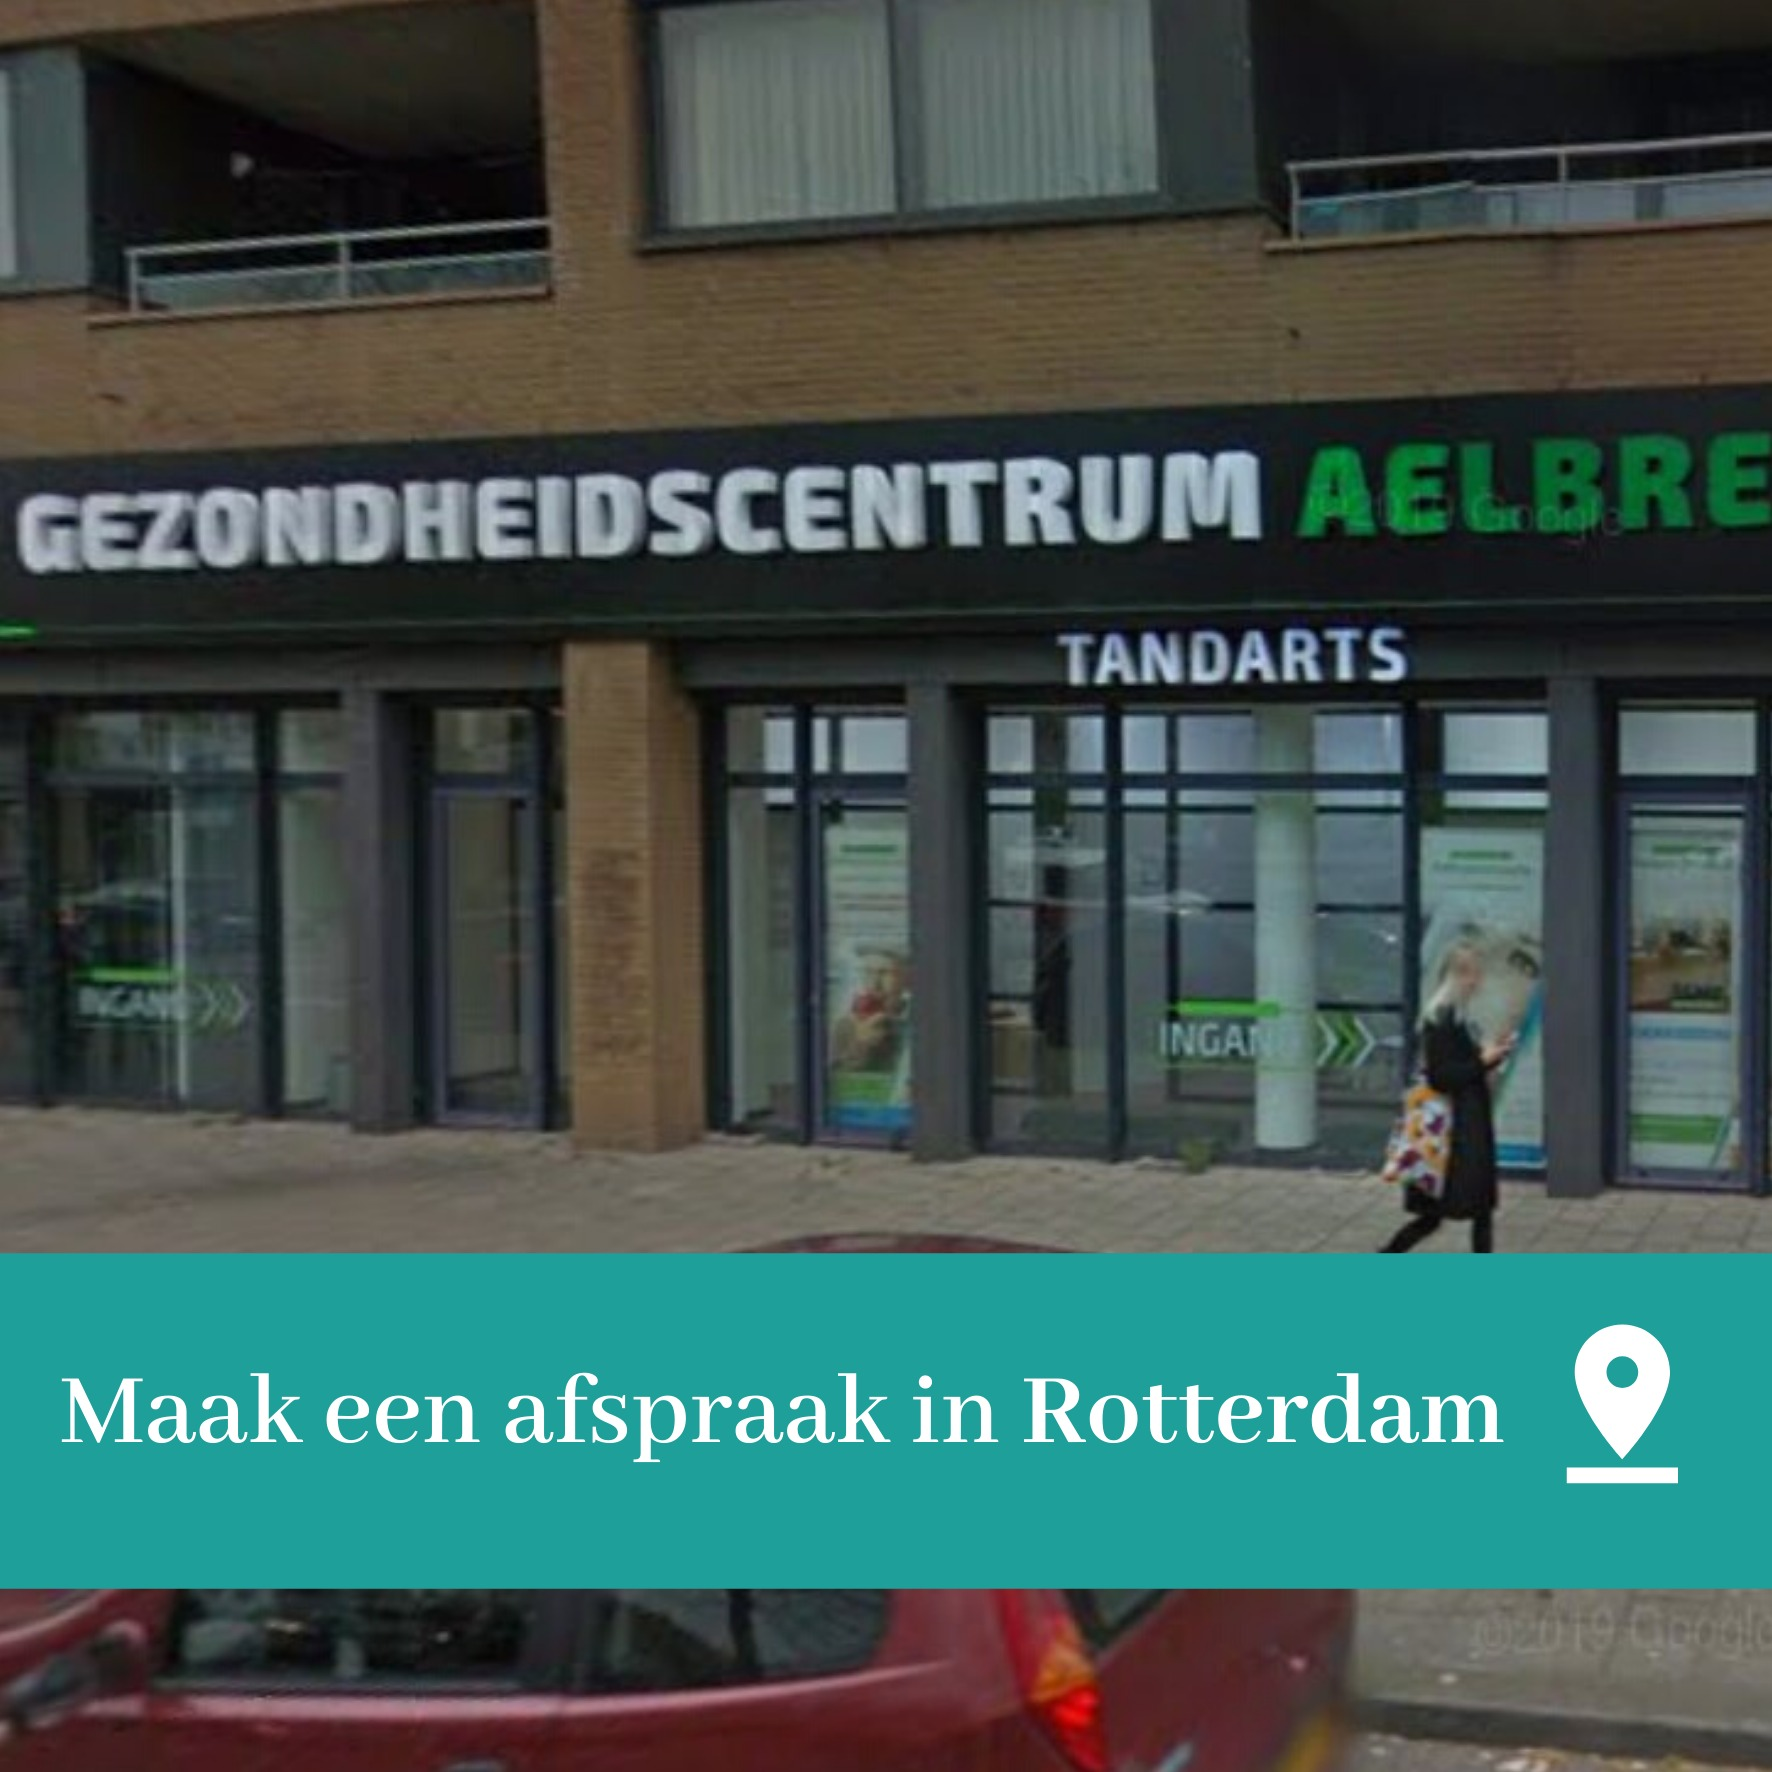 Locatie en vestiging van de Besnijdenis kliniek in Rotterdam